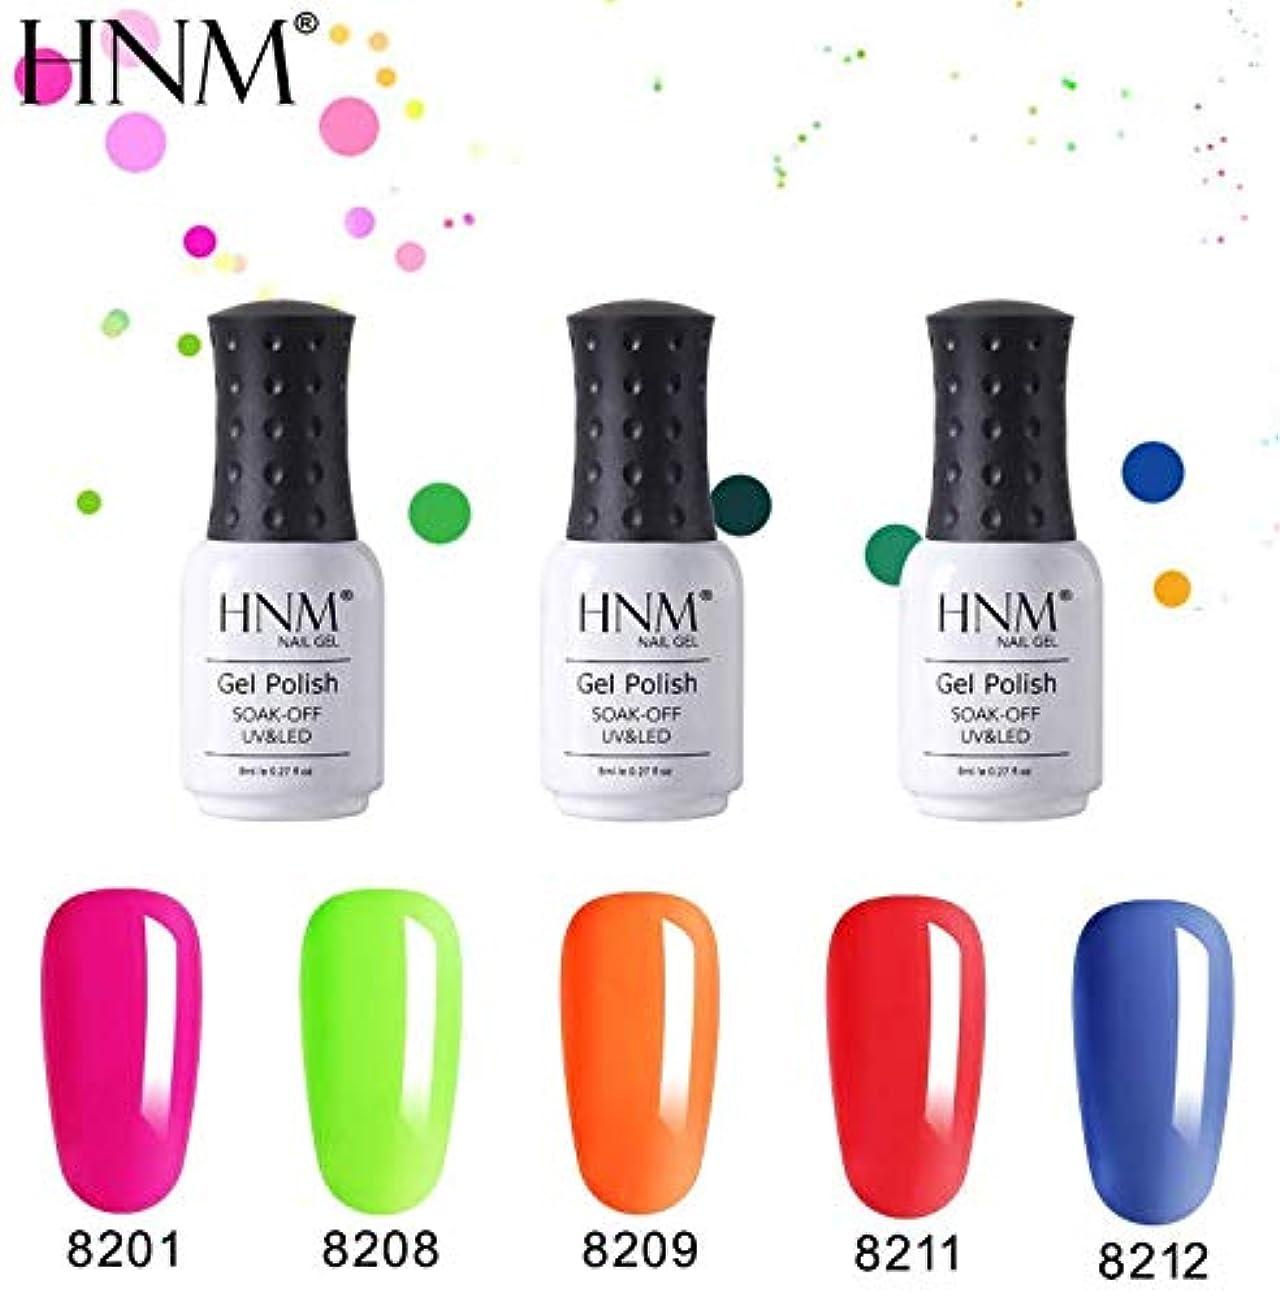 契約した被害者対角線HNM ジェルネイル カラージェル 蛍光色カラージェル 5色入り 8ml セット【全4セット選択可】